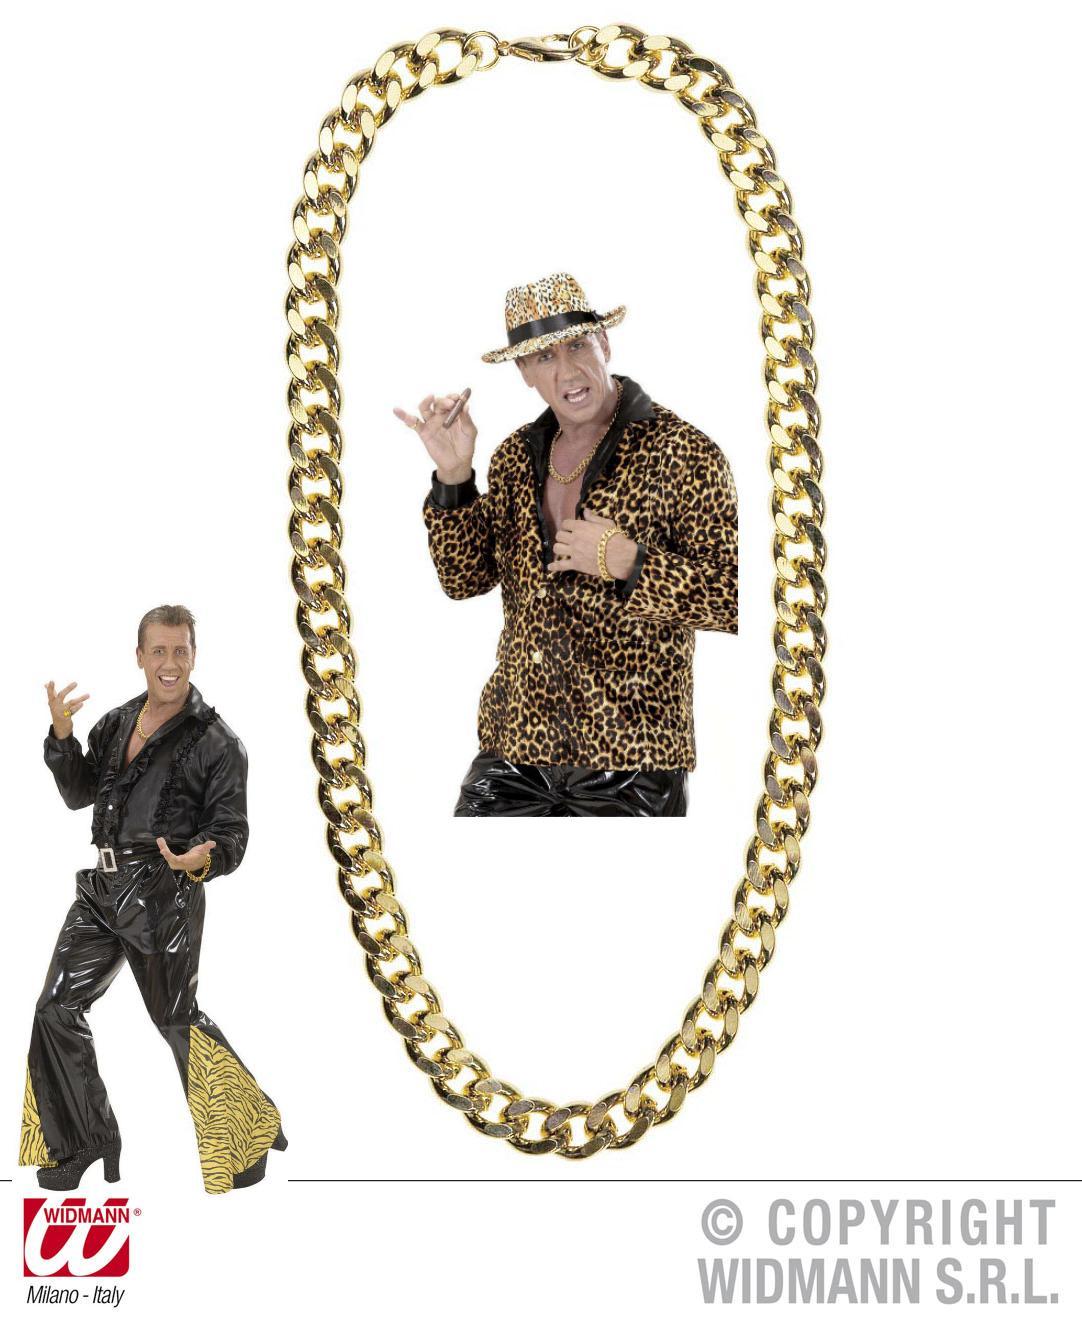 Goldkette schwer 80er Jahre, ca 60 cm lang,Ganster, Rapper, Scheich 2667